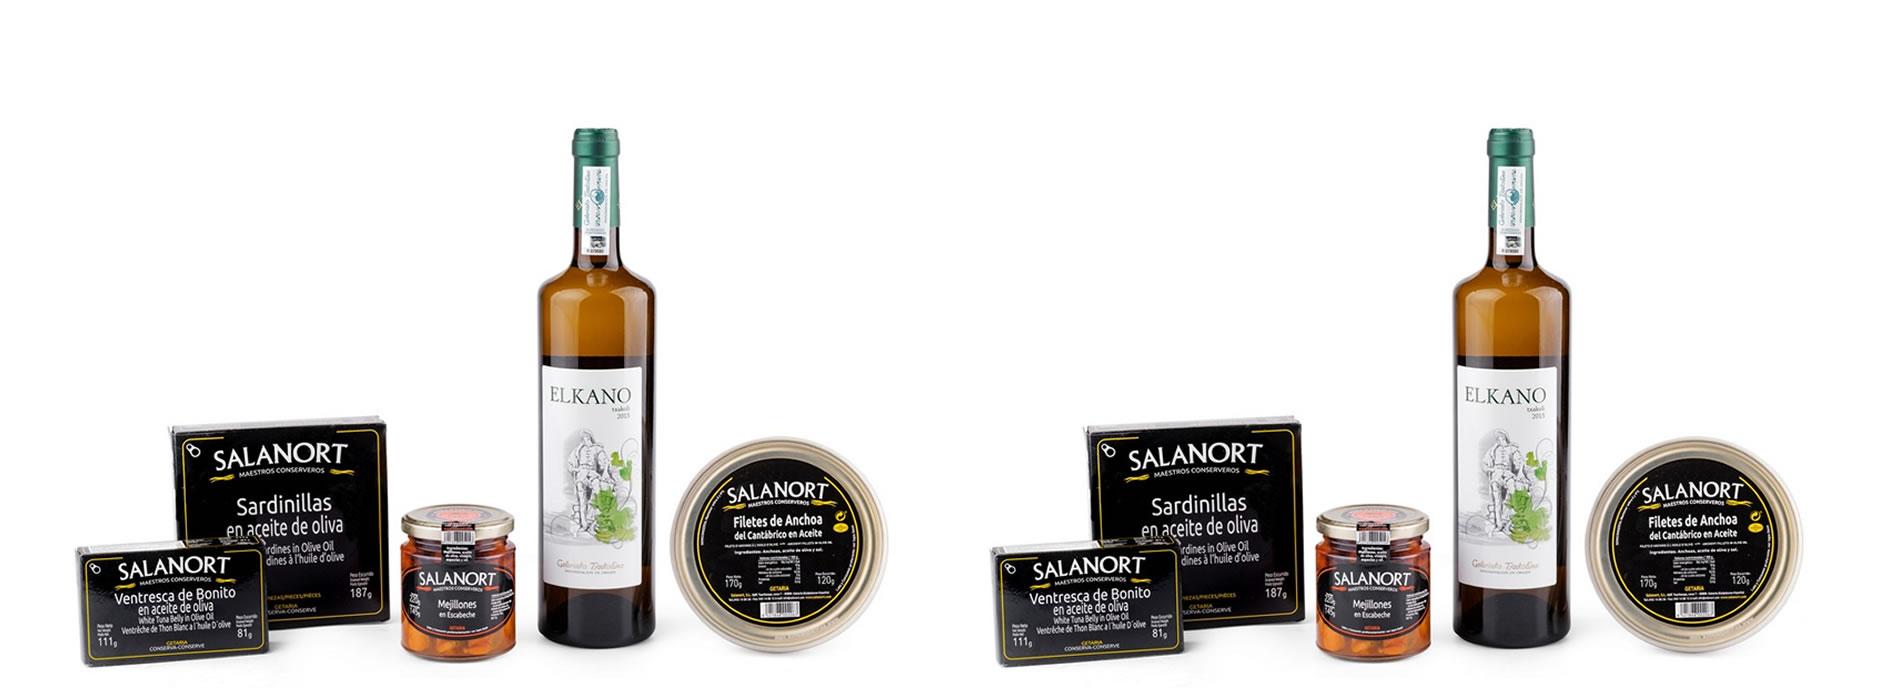 Regalos de navidad pack de regalo Salanort Degustación